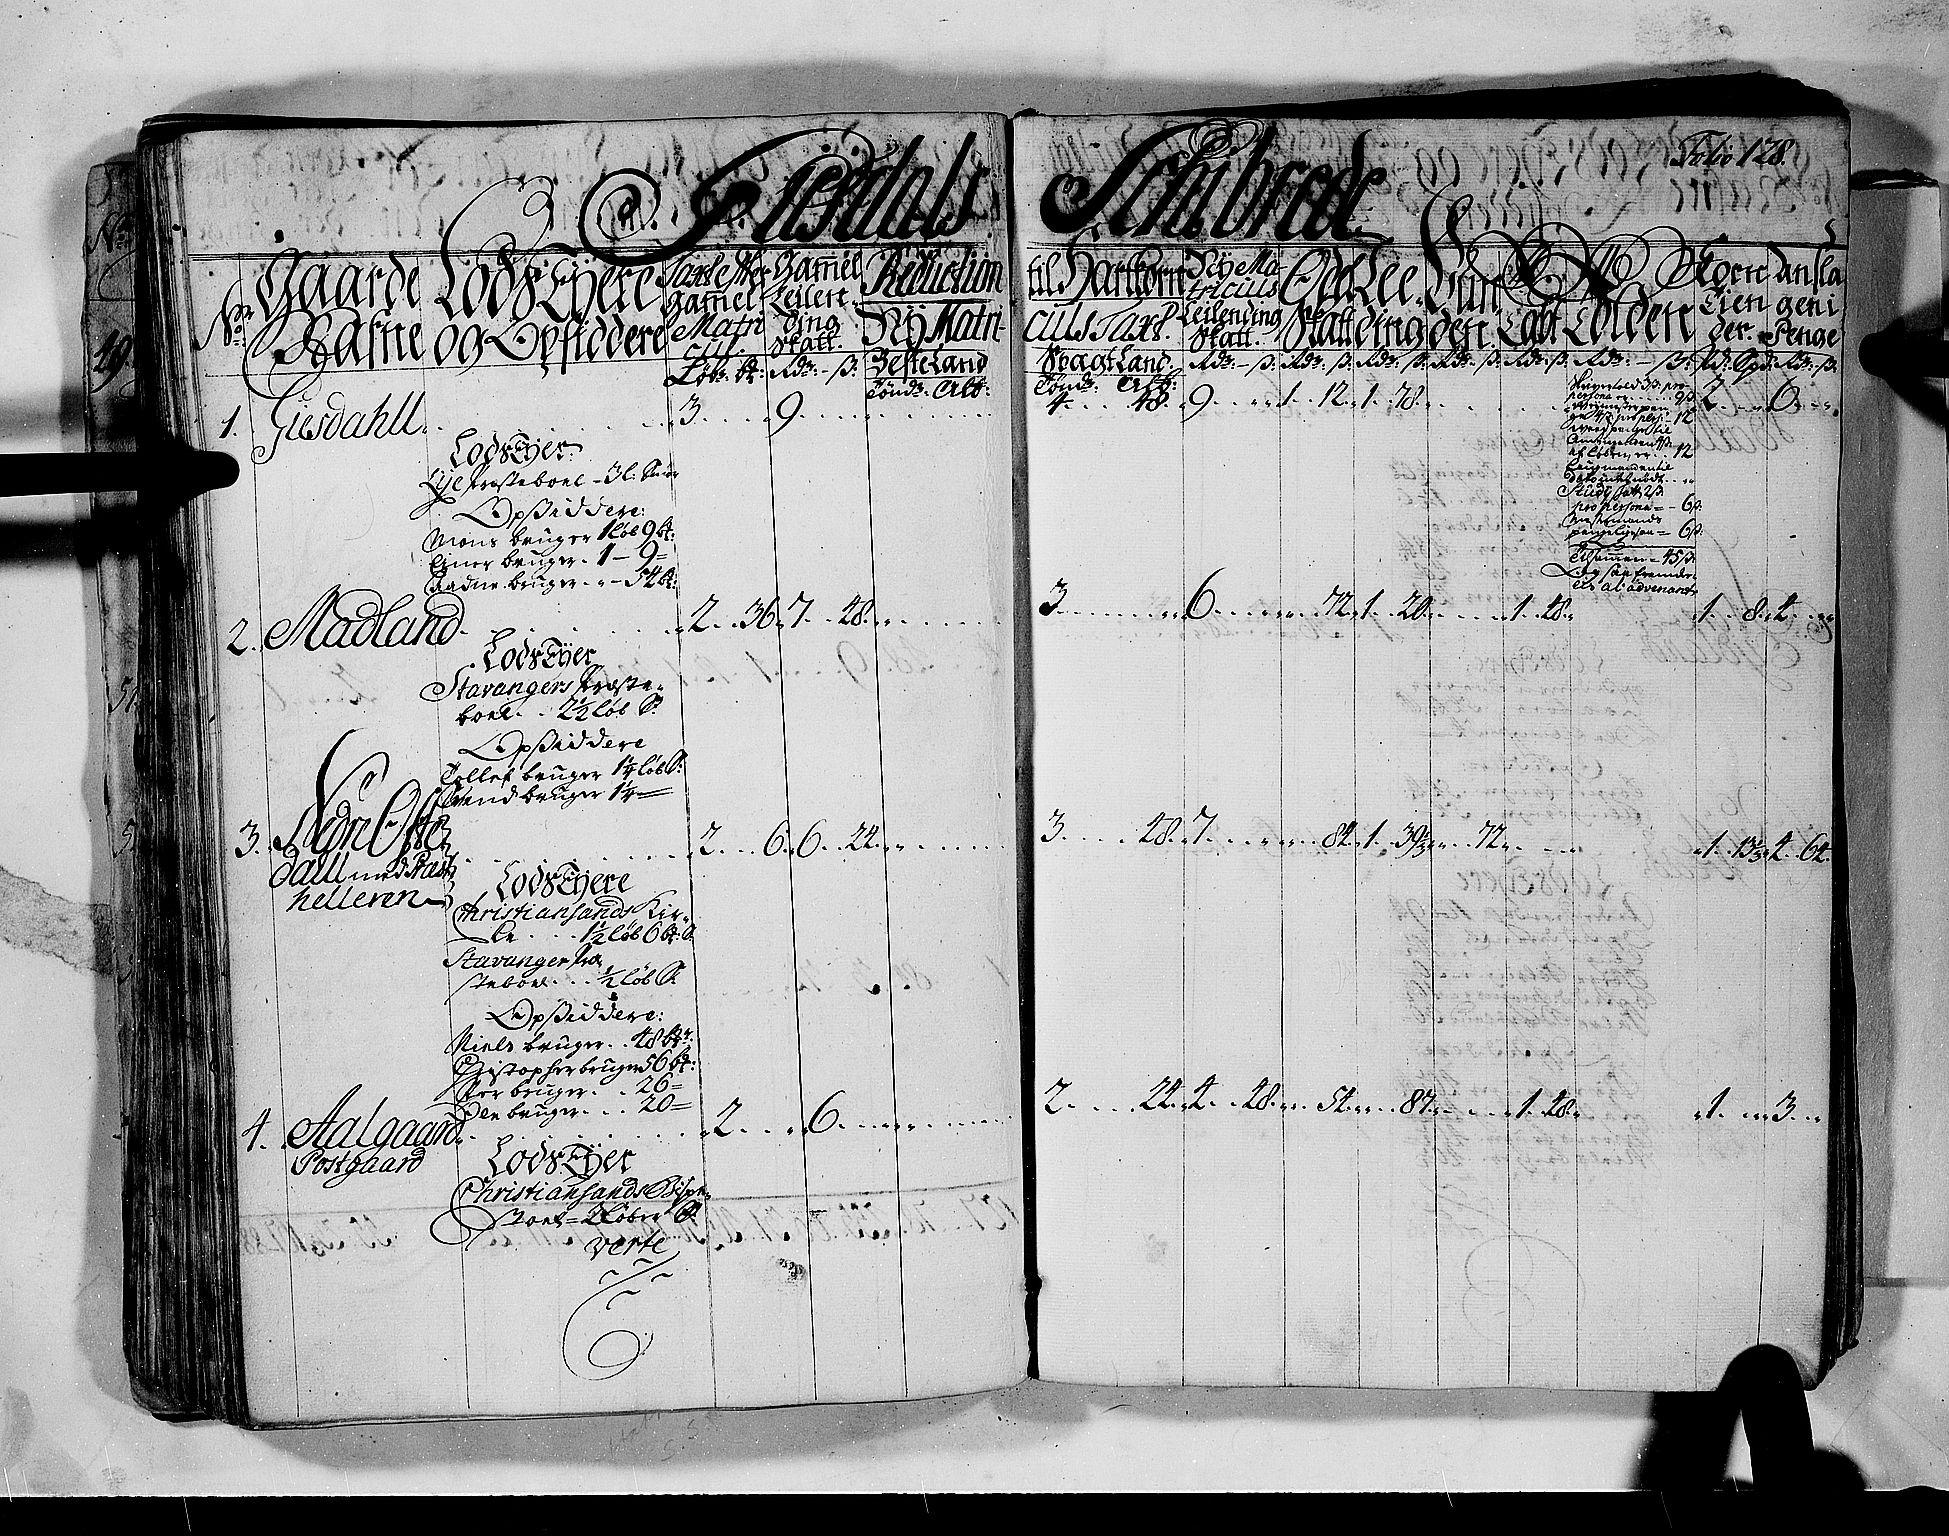 RA, Rentekammeret inntil 1814, Realistisk ordnet avdeling, N/Nb/Nbf/L0132: Jæren og Dalane matrikkelprotokoll, 1723, s. 127b-128a